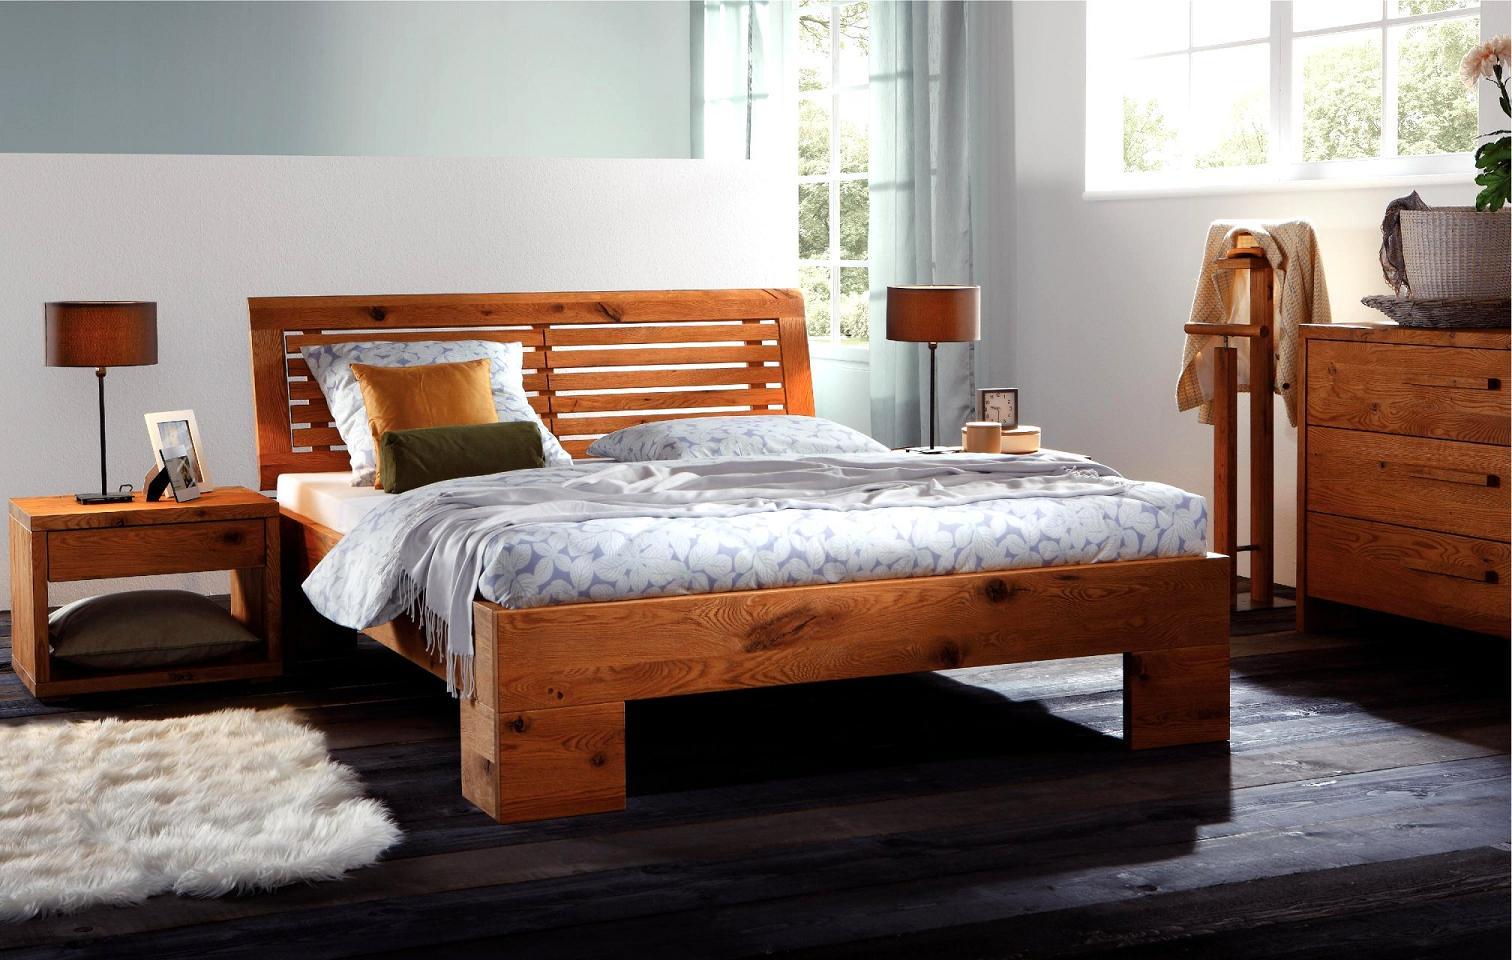 oak line wild massiv oak line wild betten g nstig. Black Bedroom Furniture Sets. Home Design Ideas